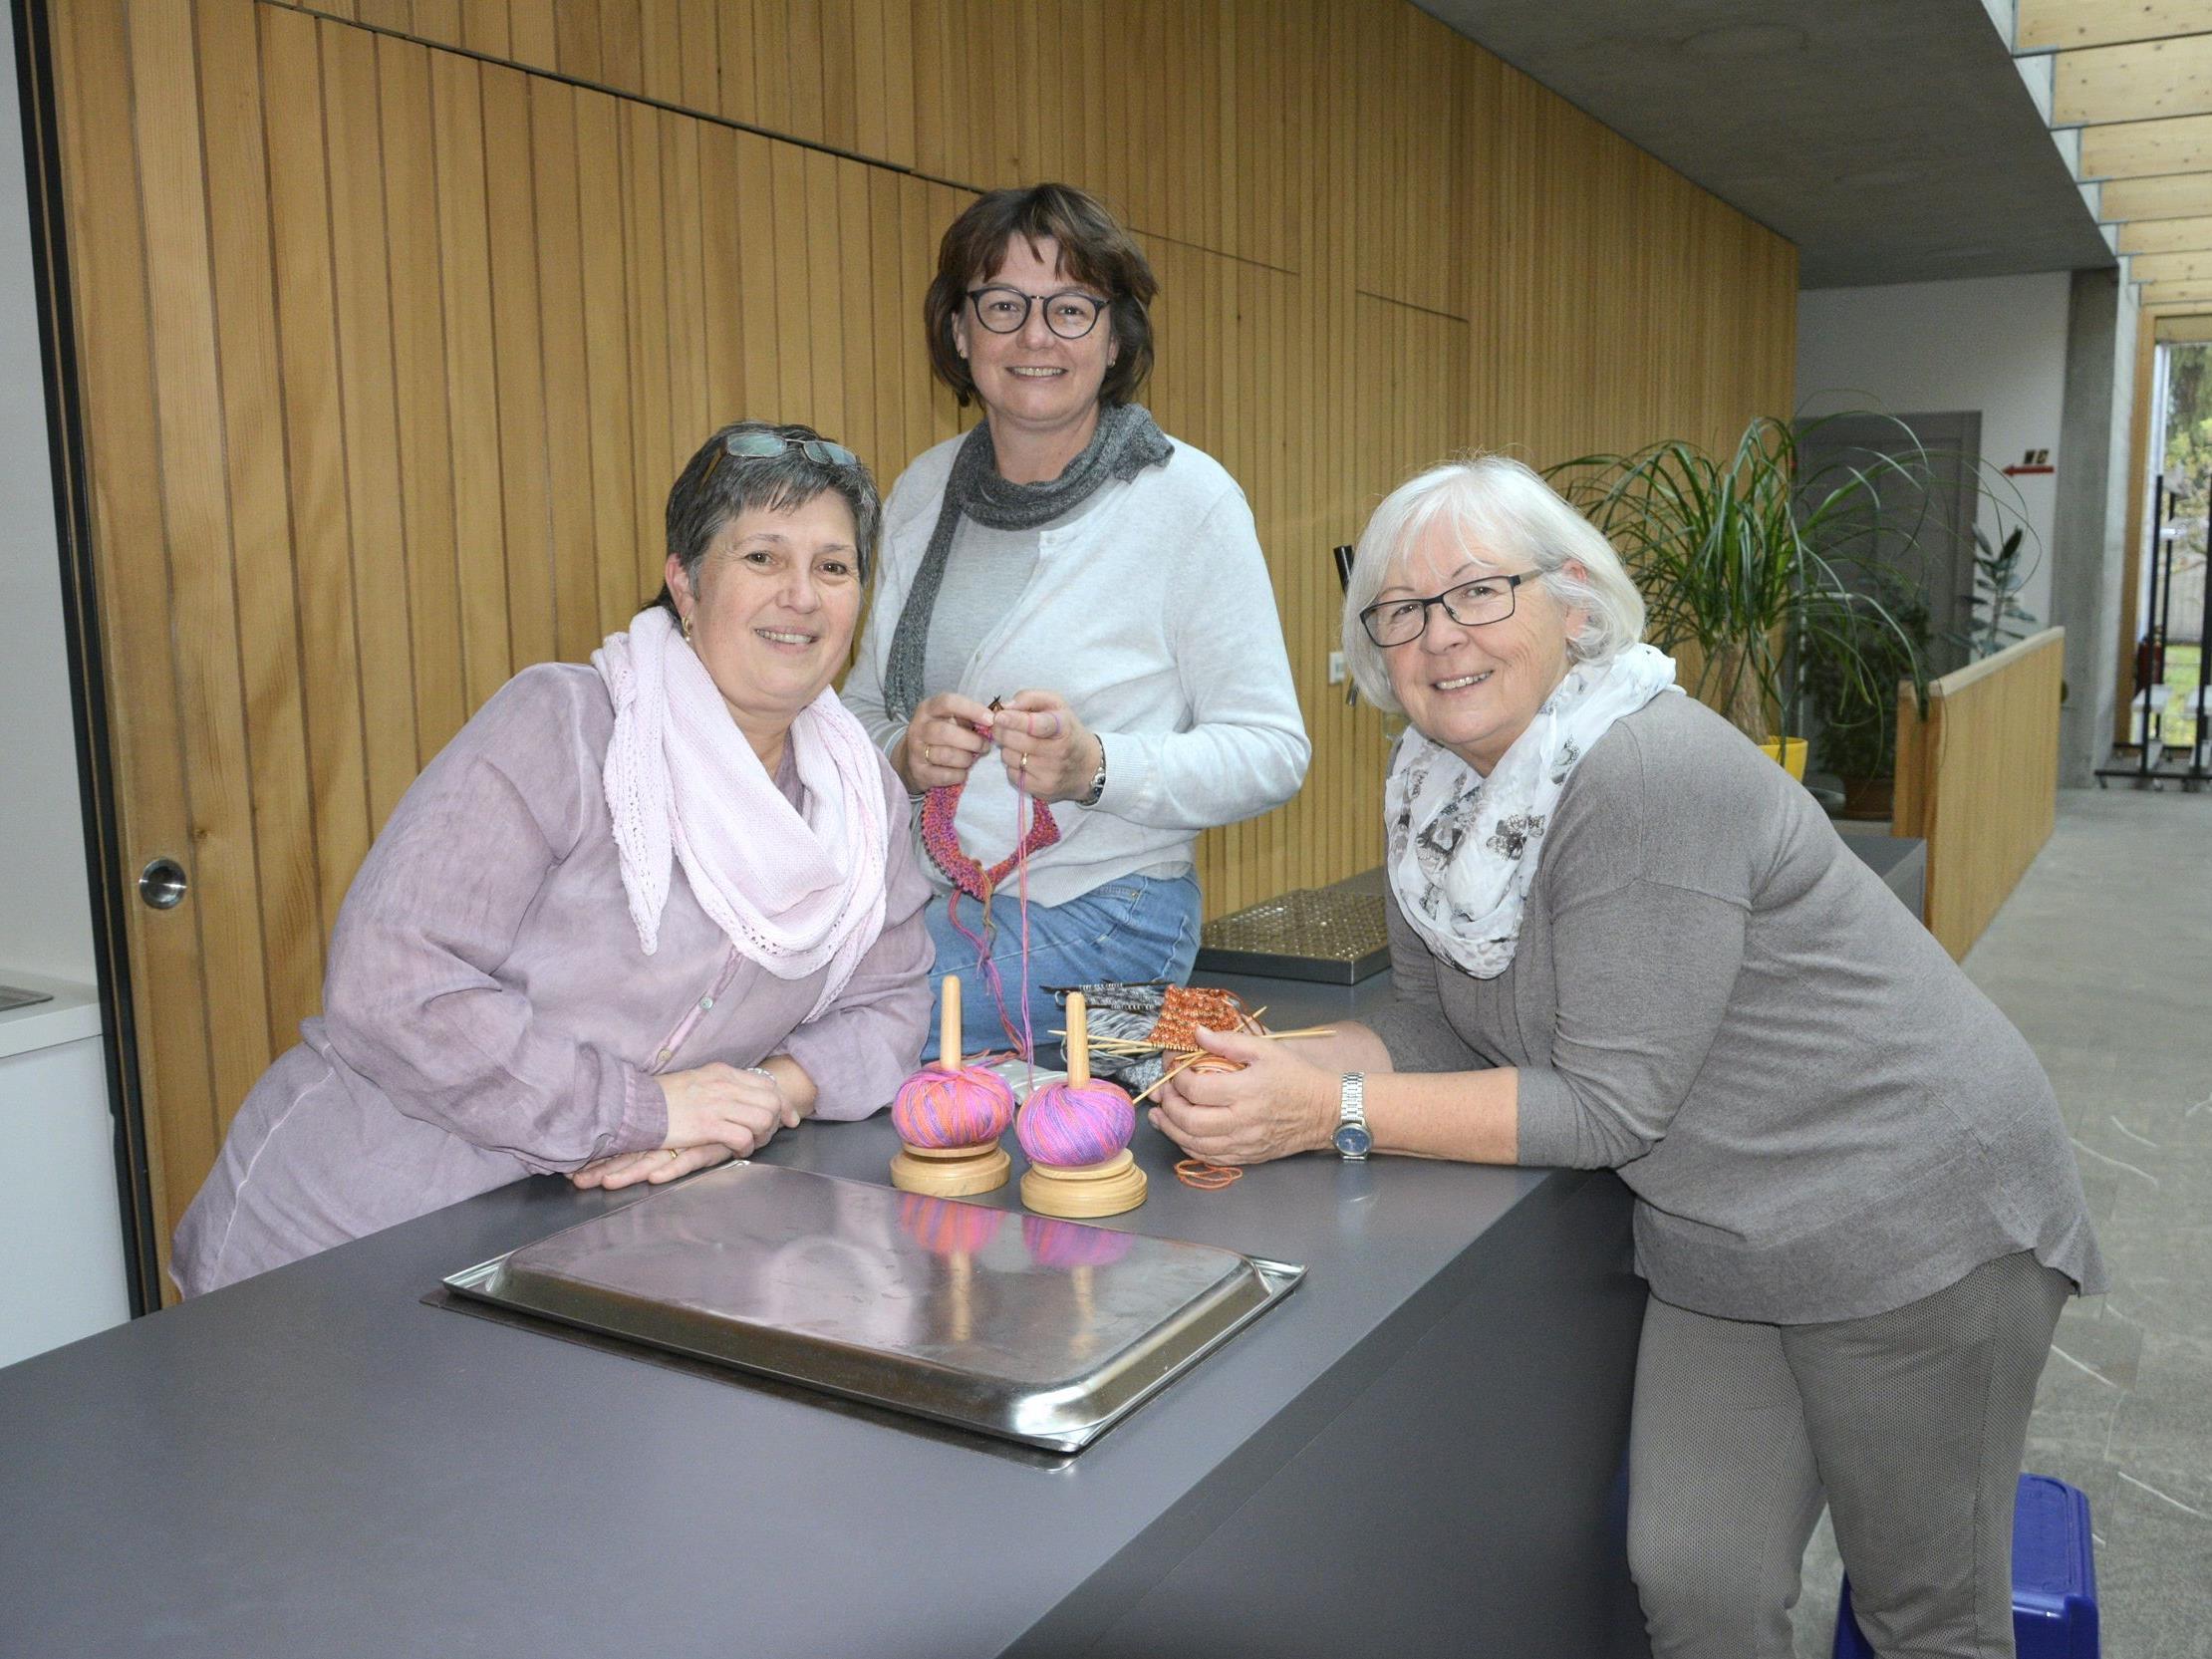 Die Idee zum Strickcafé hatte Ulrike Grabher (Mitte). Zusammen mit Christine Oss und Ilse Berkmann wurde die Idee verwirklicht.